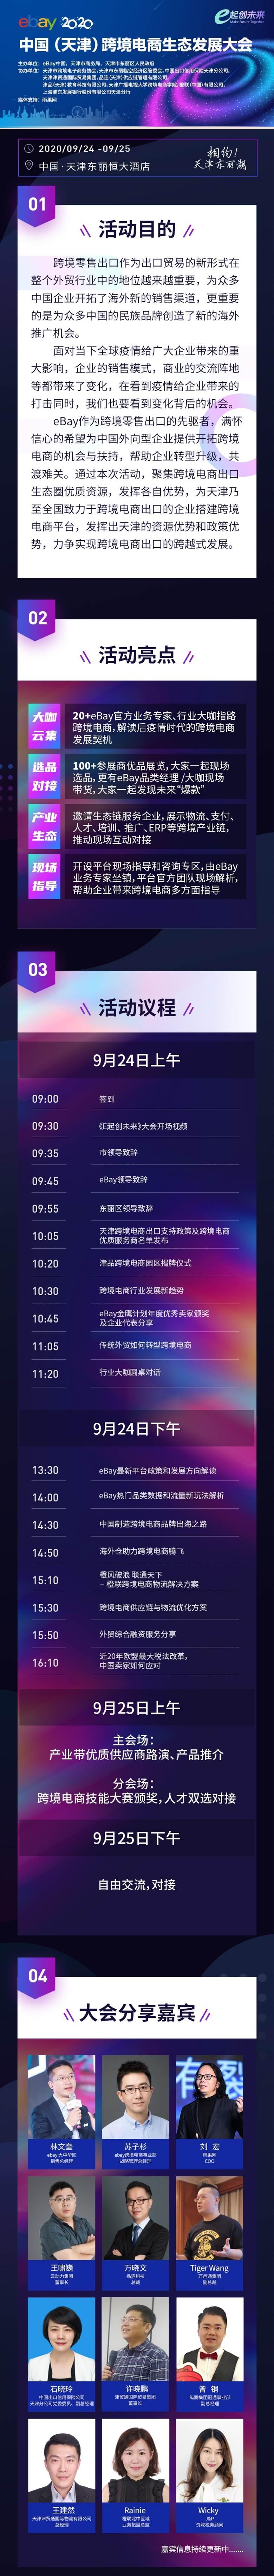 ebay天津活动长图最终版91 - 副本.jpg